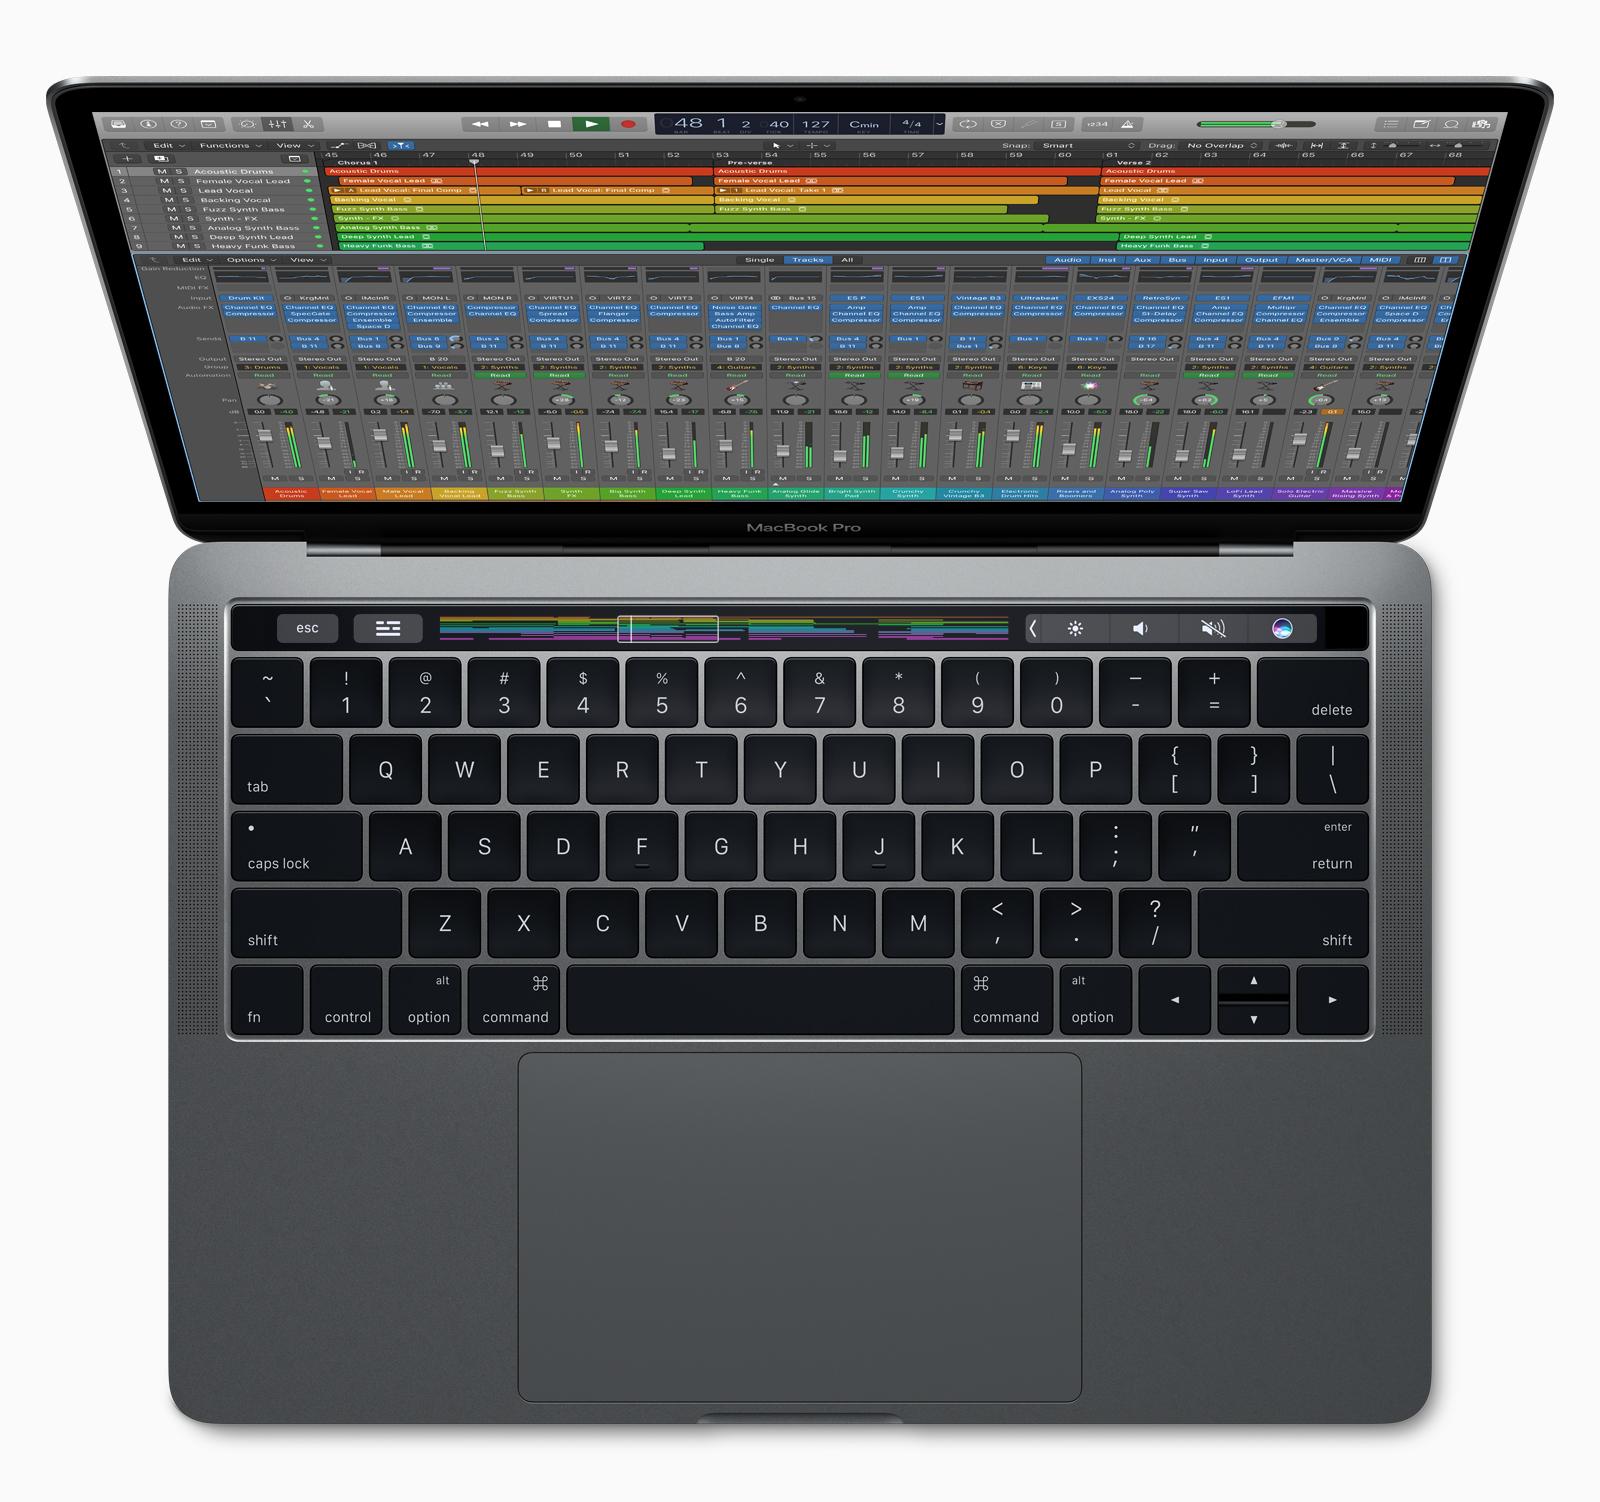 vendere macbook pro con touch bar